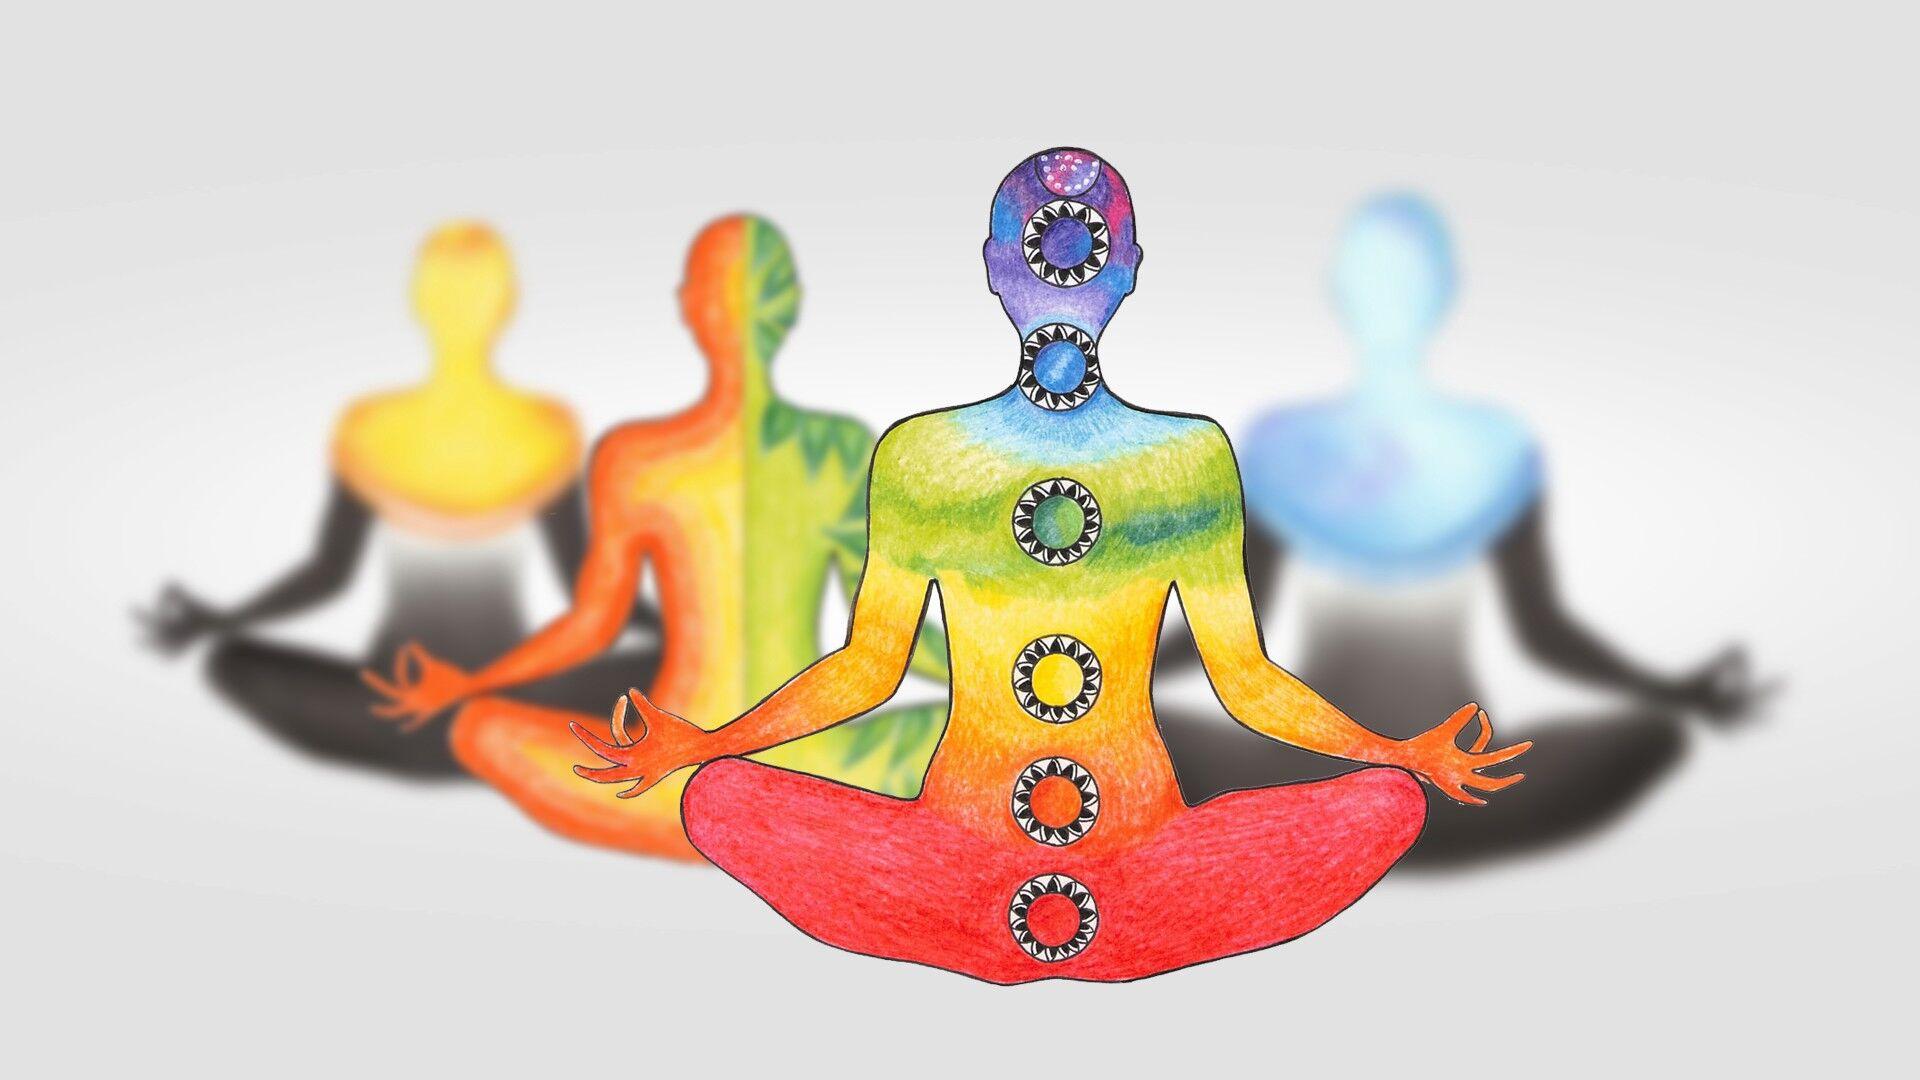 योग के माध्यम से लोगों को निरोगी बनाती योग प्रशिक्षिका